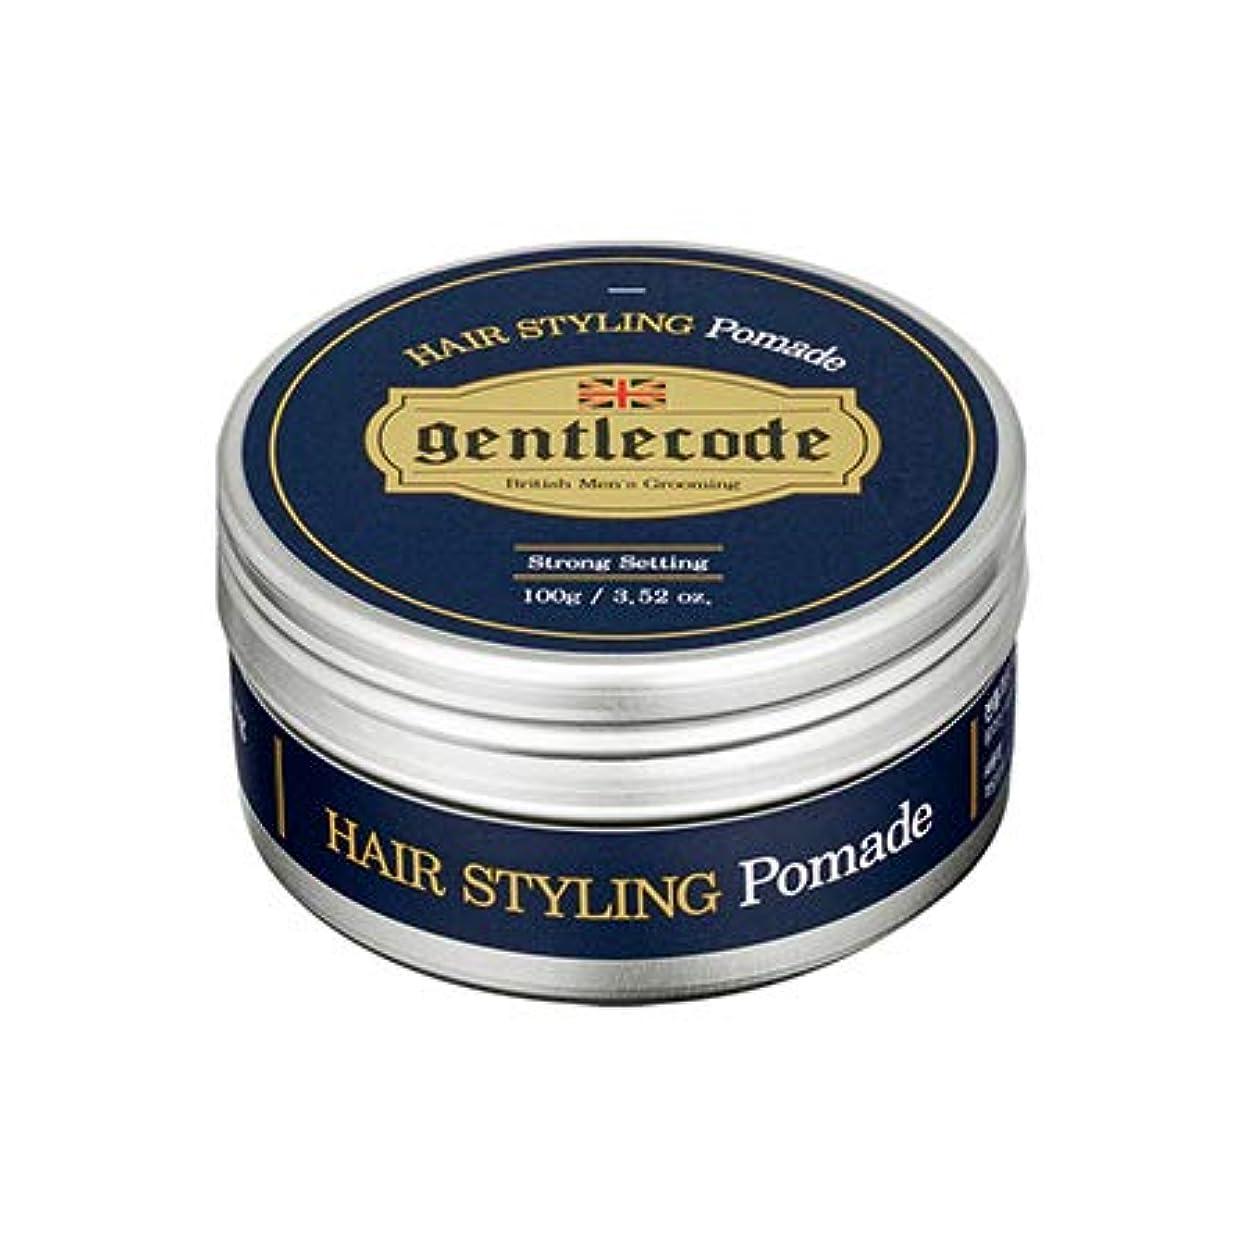 ピン調整するピーク【ジェントルコード.gentle code]ヘアスタイリングポマード(100ml)/ hair styling pomade